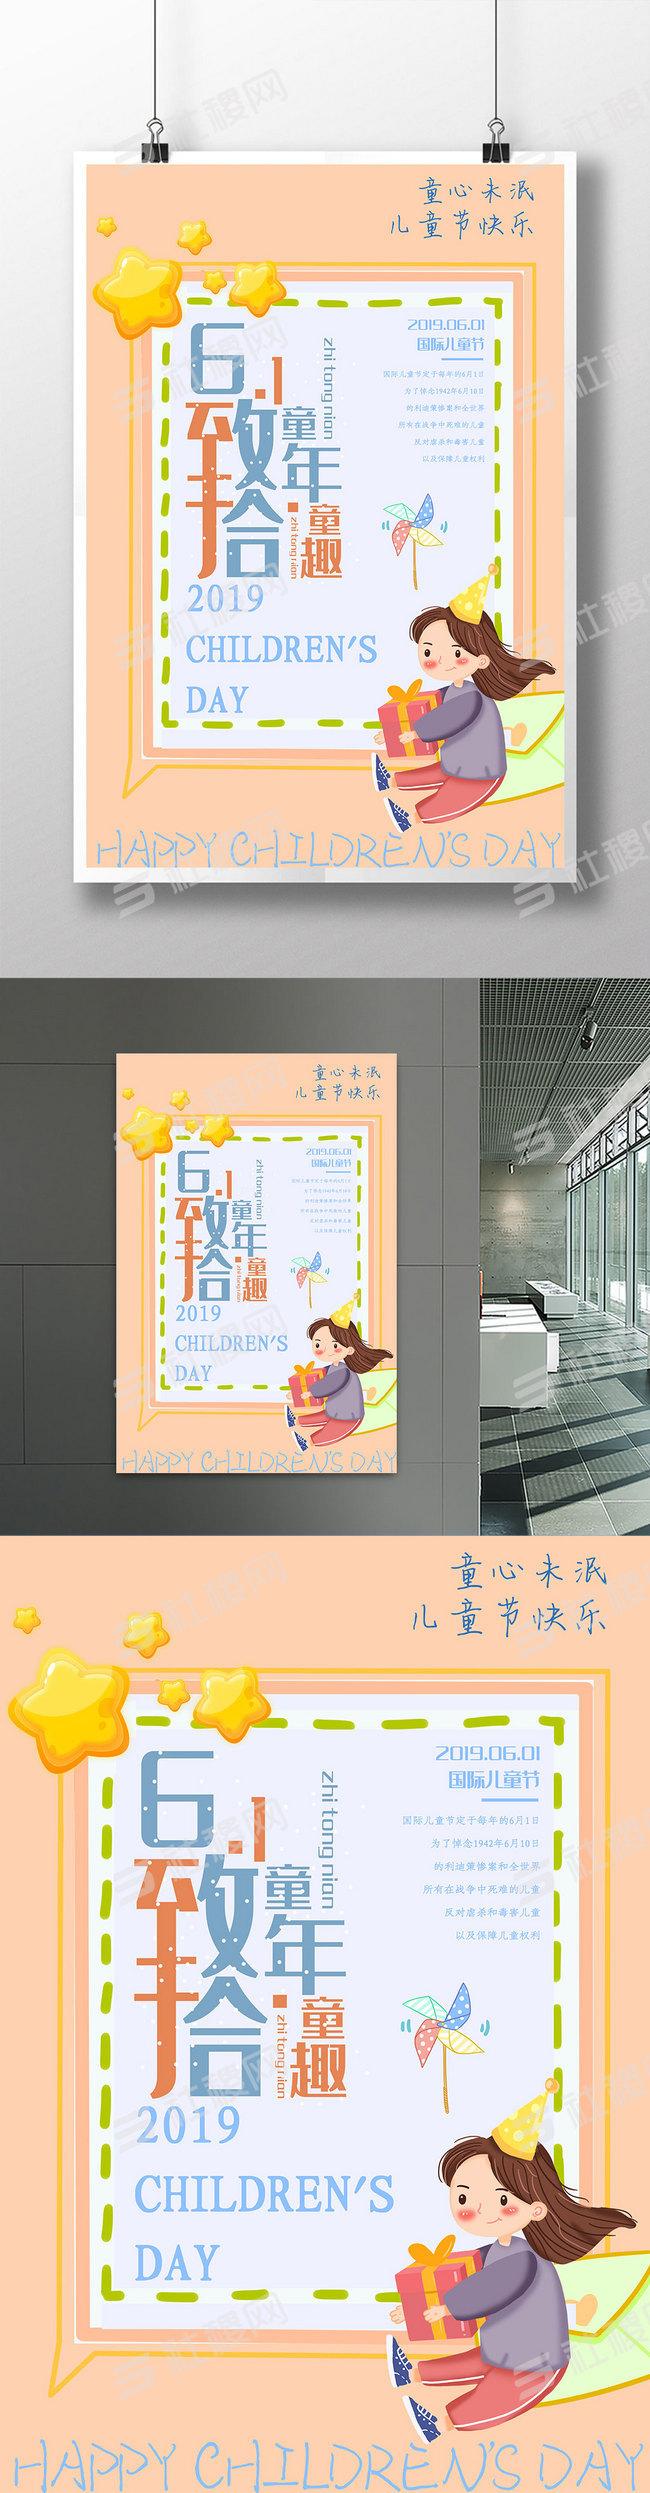 橙色六一儿童节海报